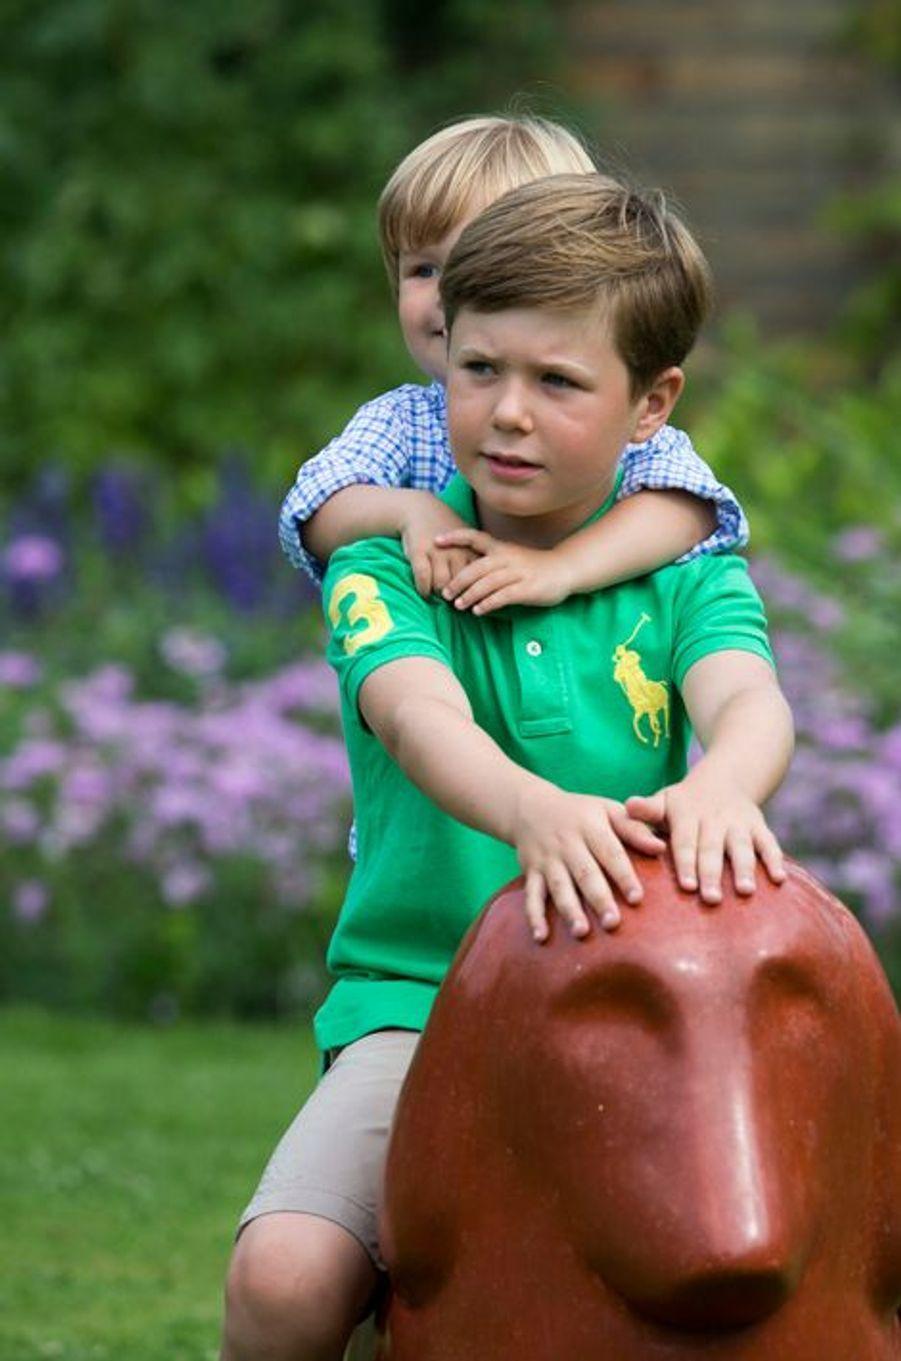 Le prince Christian de Danemark avec son frère Vincent le 26 juillet 2013